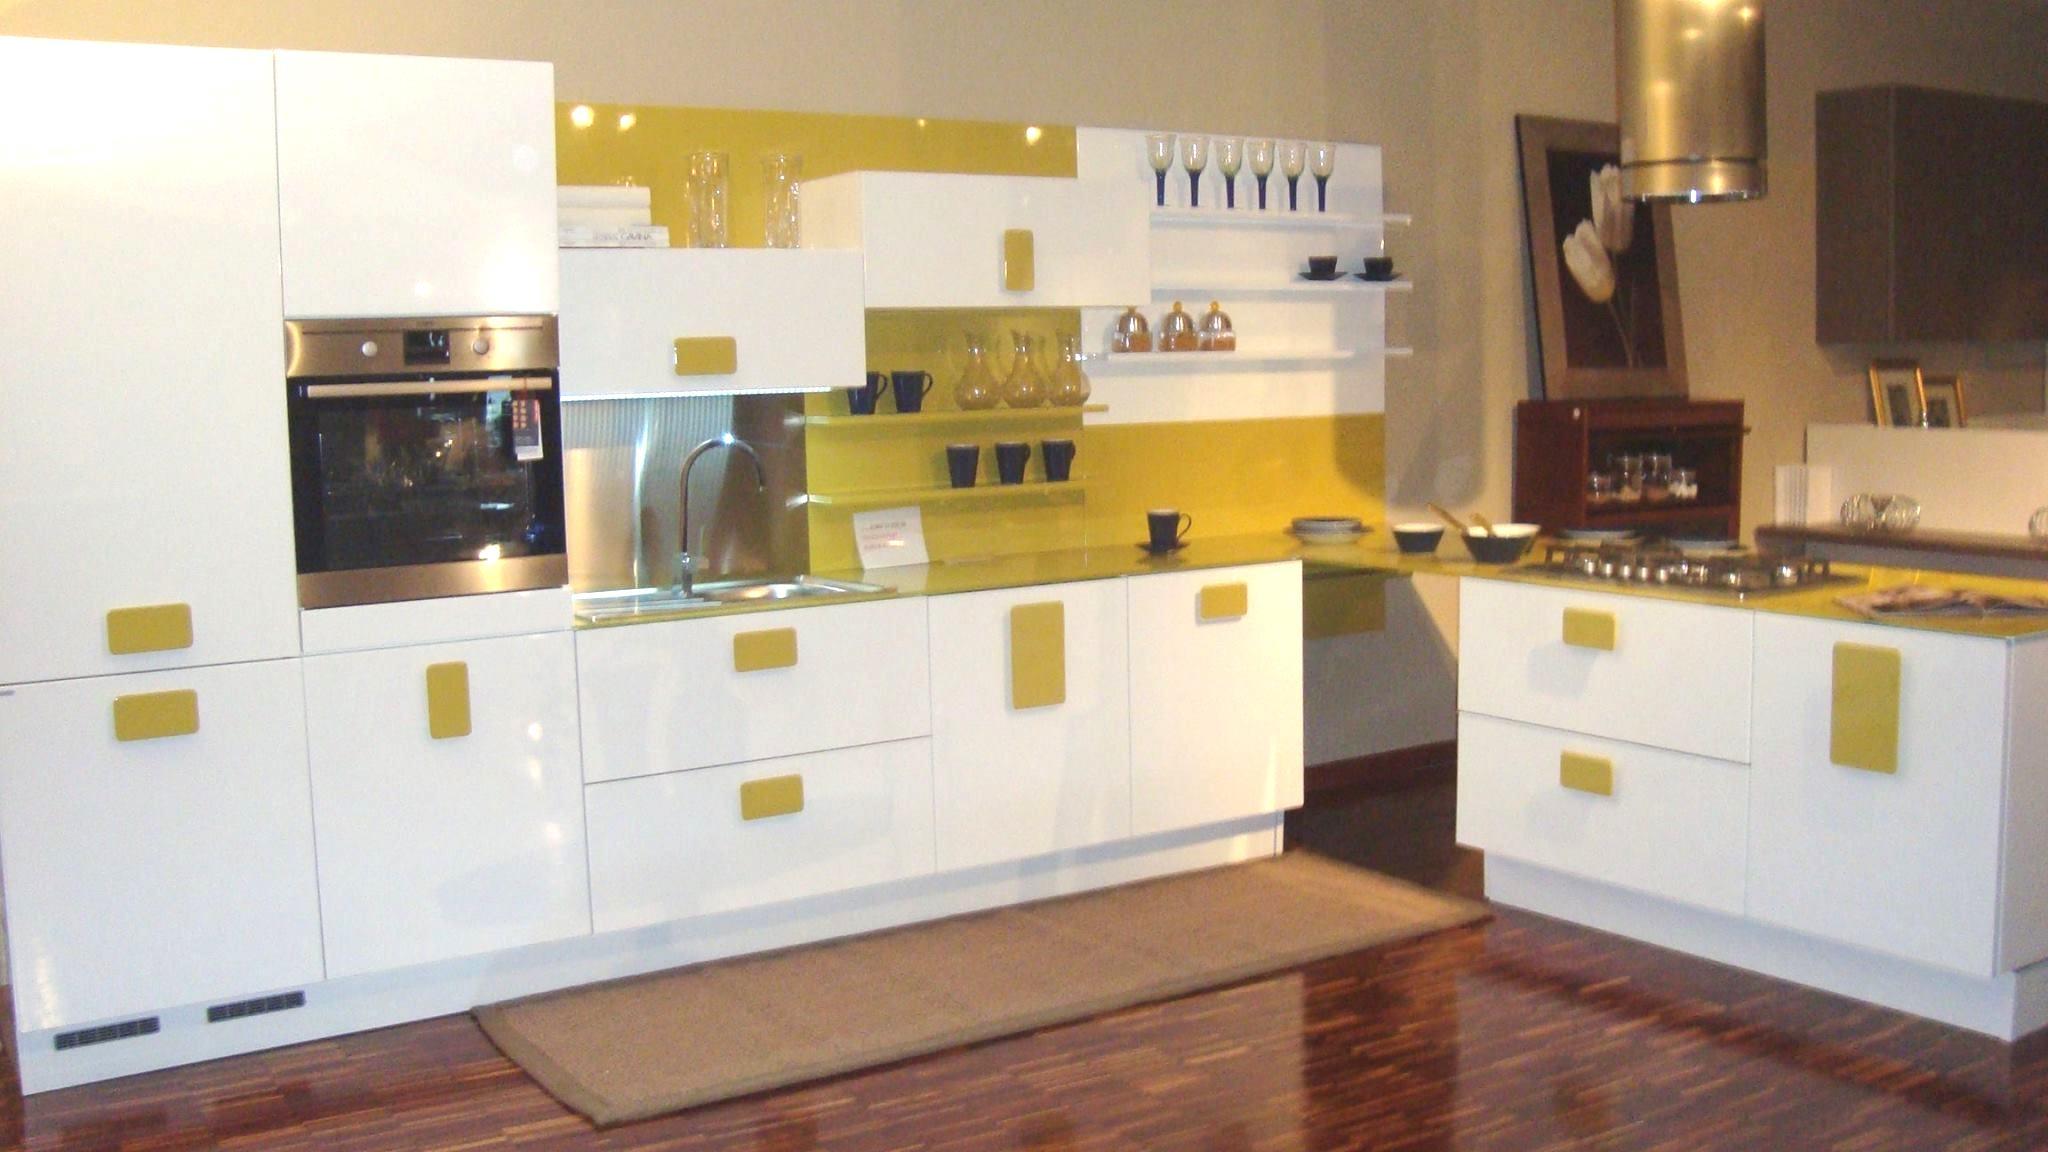 Scic cucina nonsolobianco moderno laccato lucido bianca cucine a prezzi scontati - Cucine scic prezzi ...